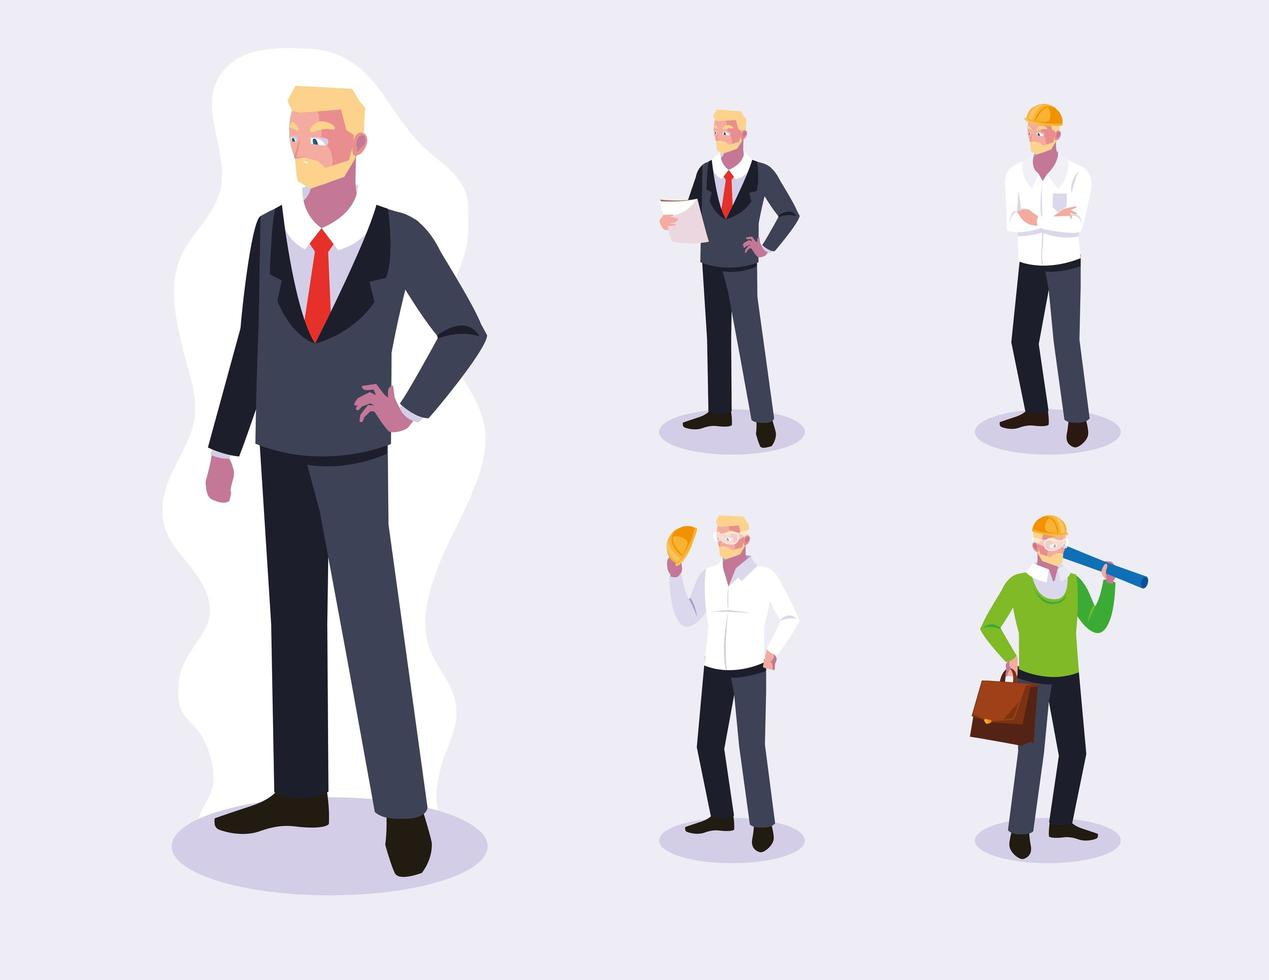 aantal mannelijke professionele werknemers ontwerp vector